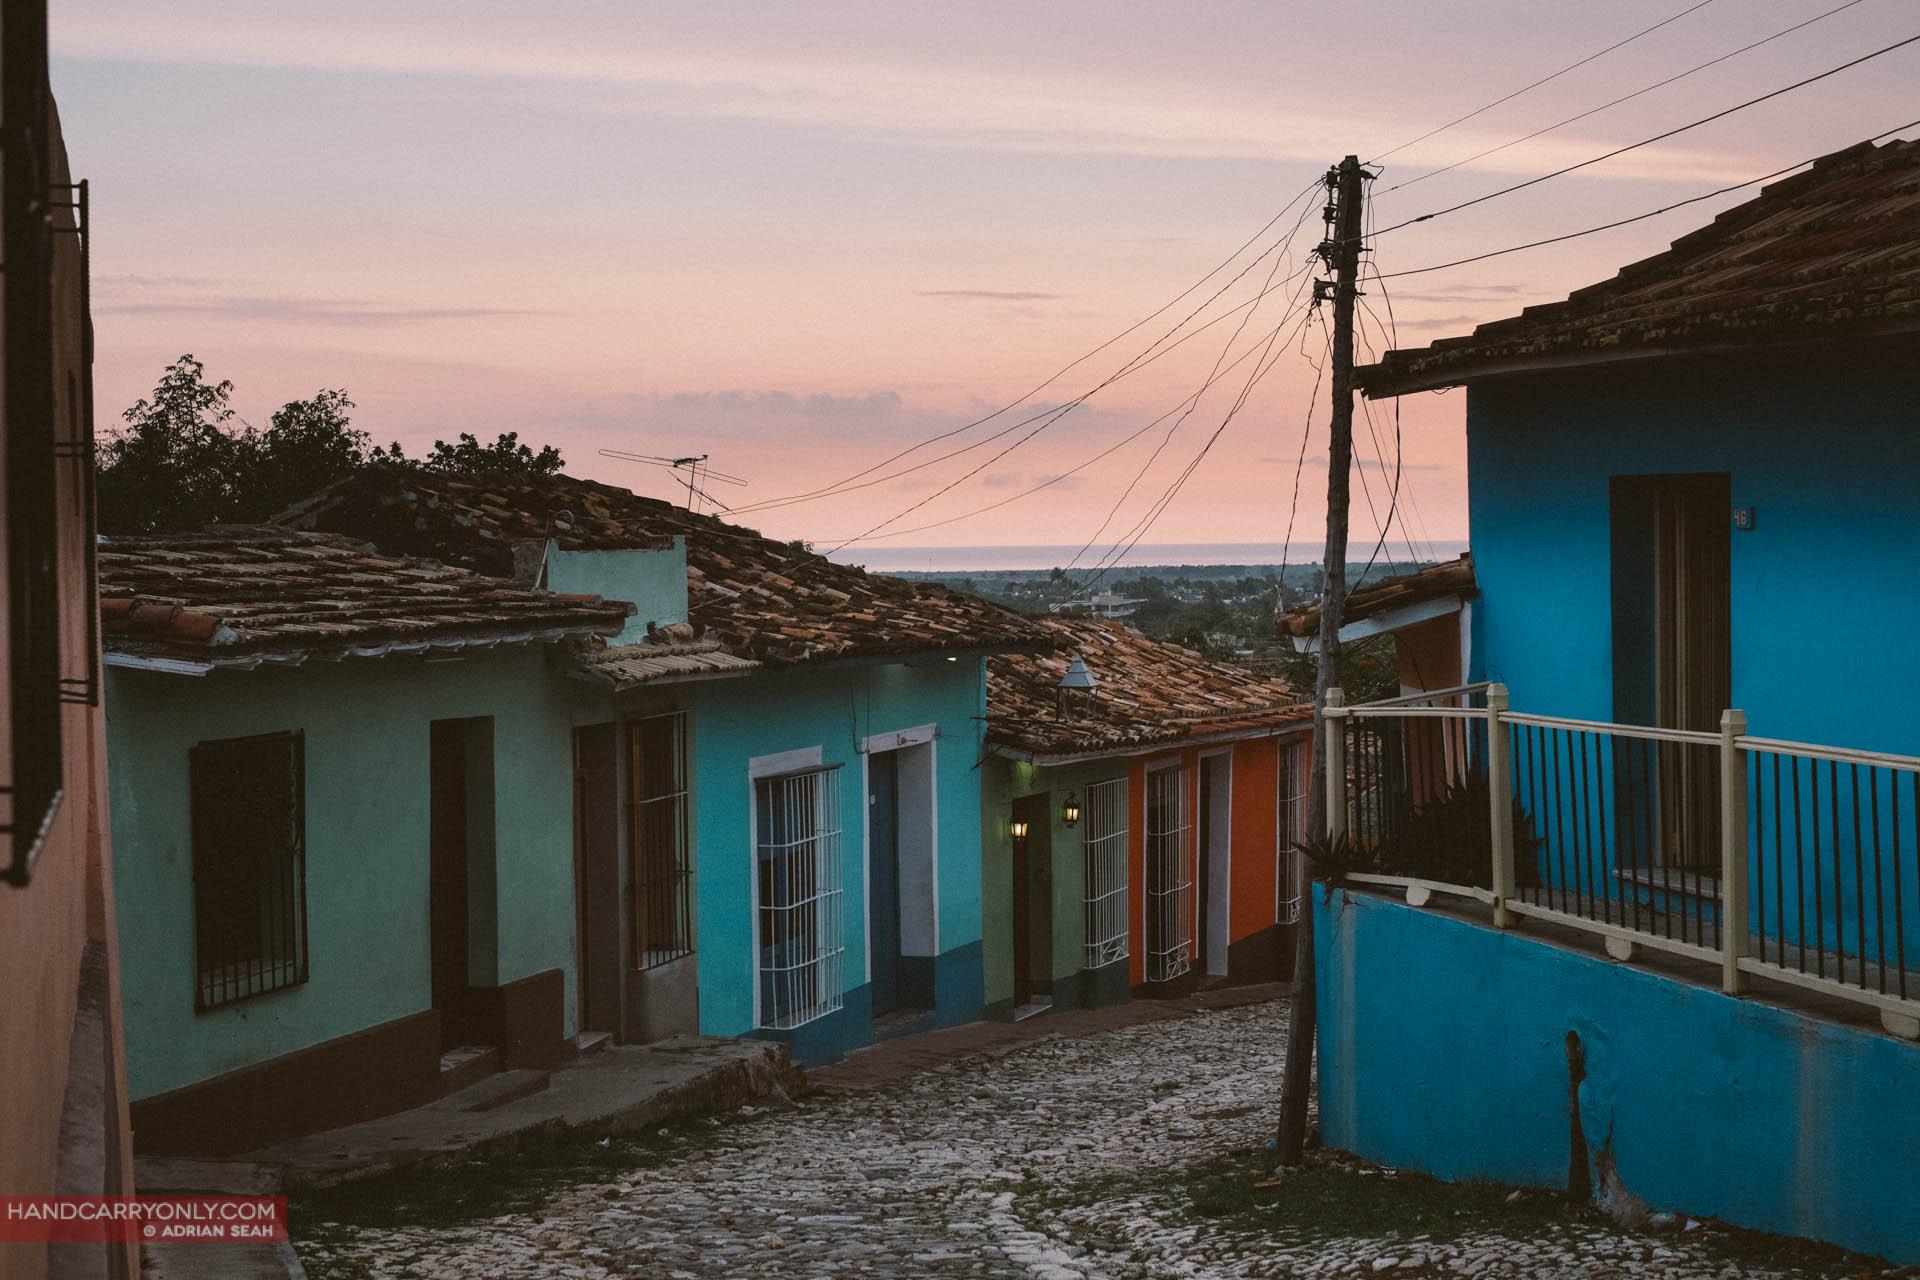 dusk cobbled streets trinidad cuba